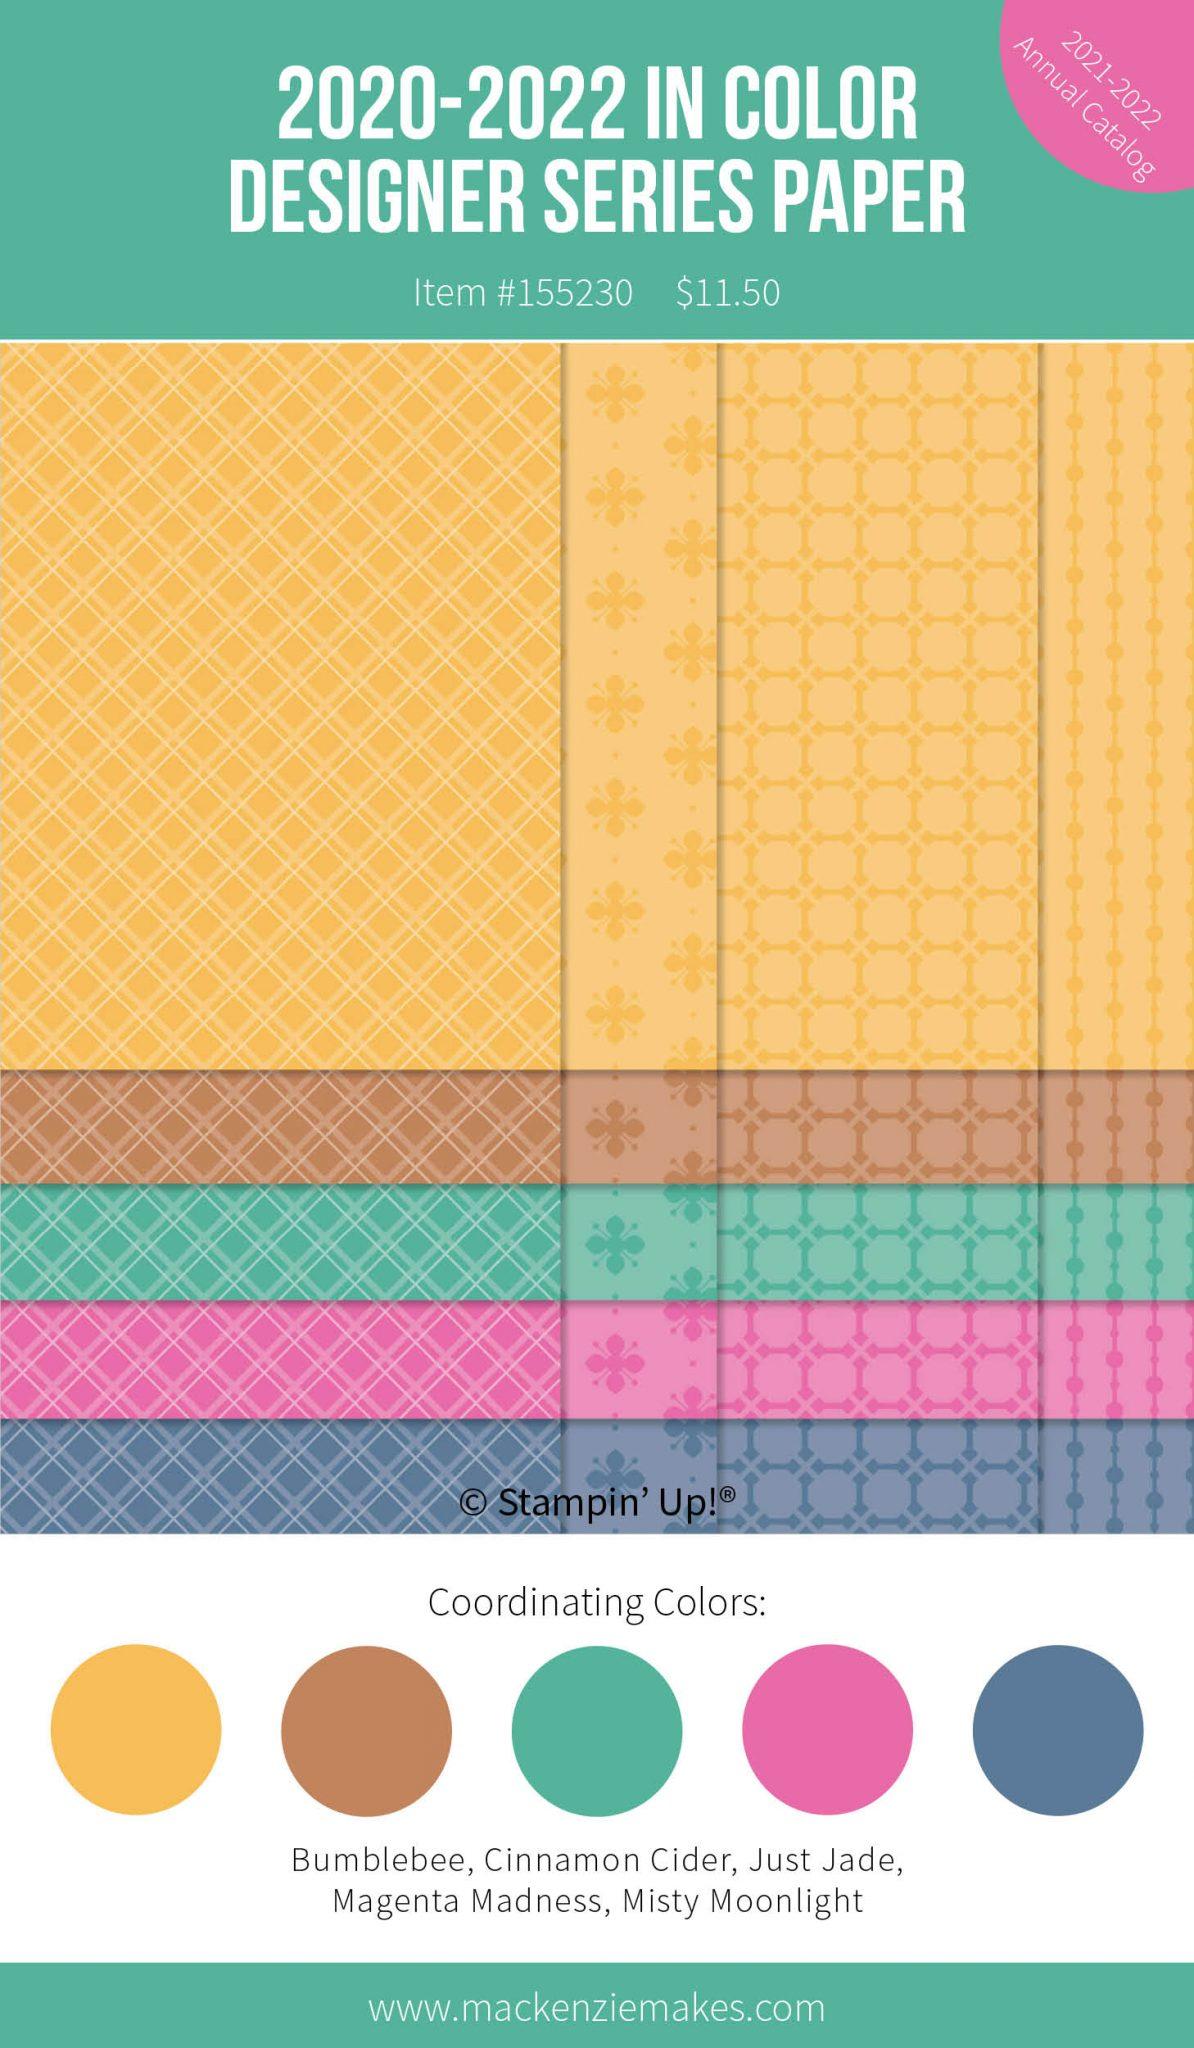 2021-2022AnnualCatalogDSP-2020-2022 In Color DSP